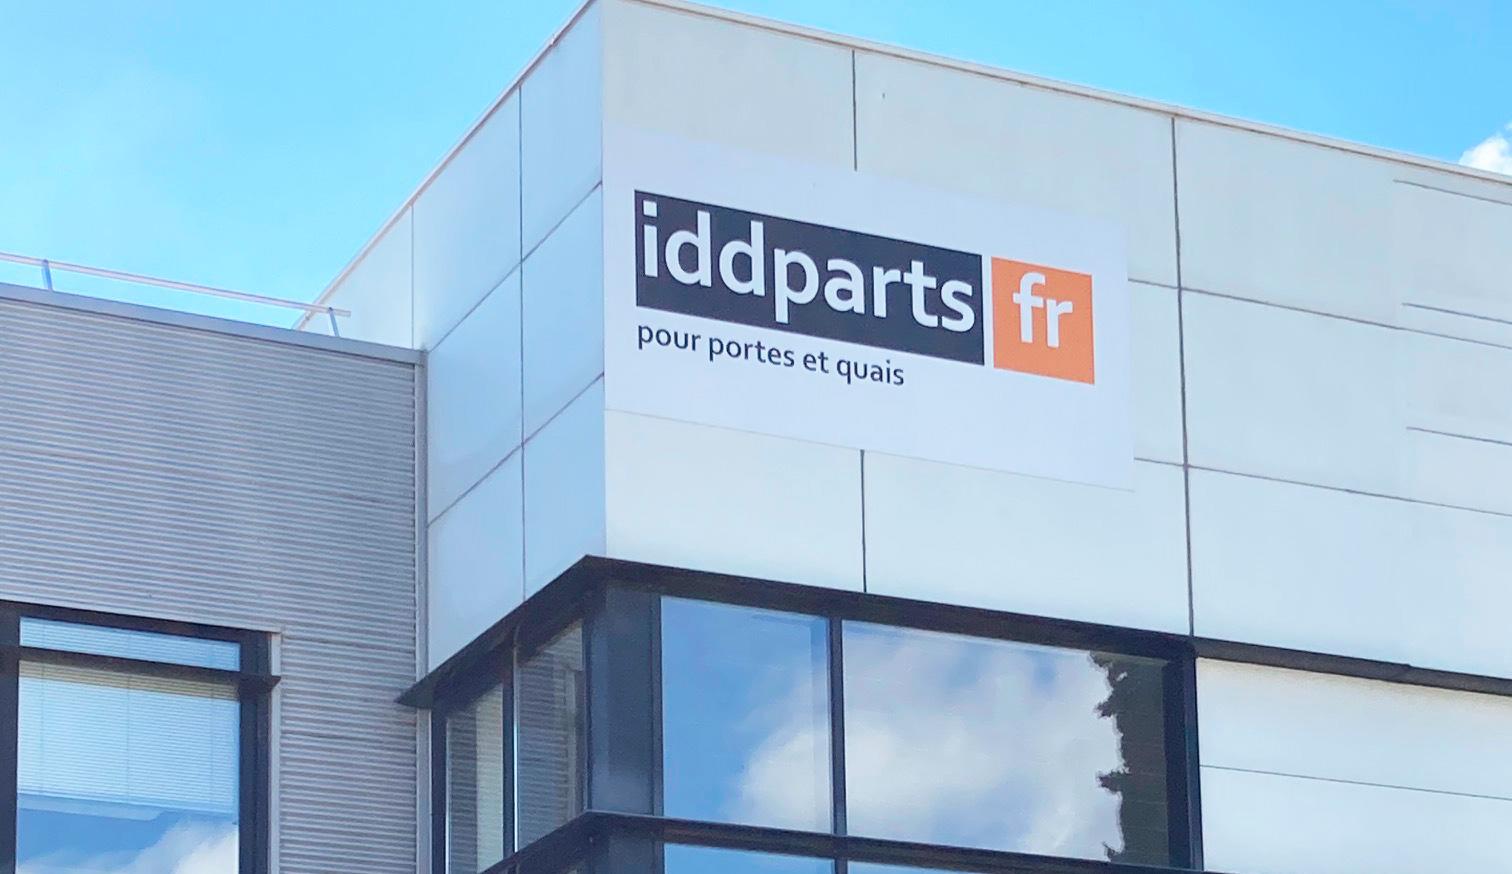 iddparts pieces portes garages quais